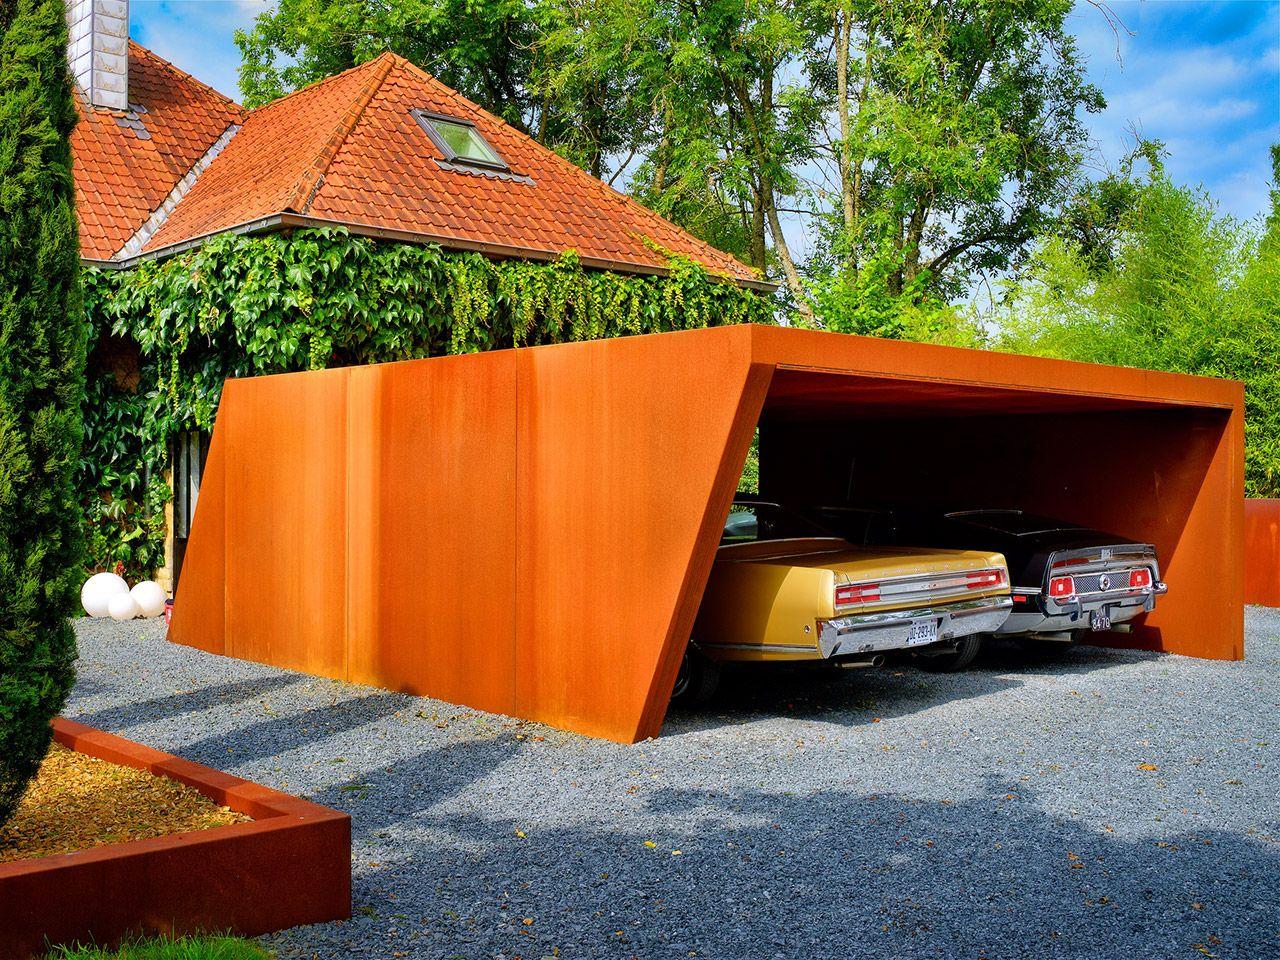 LMT PRODUKTE - Mobilier urbain, acier corten, carport acier, bulle, portail corten